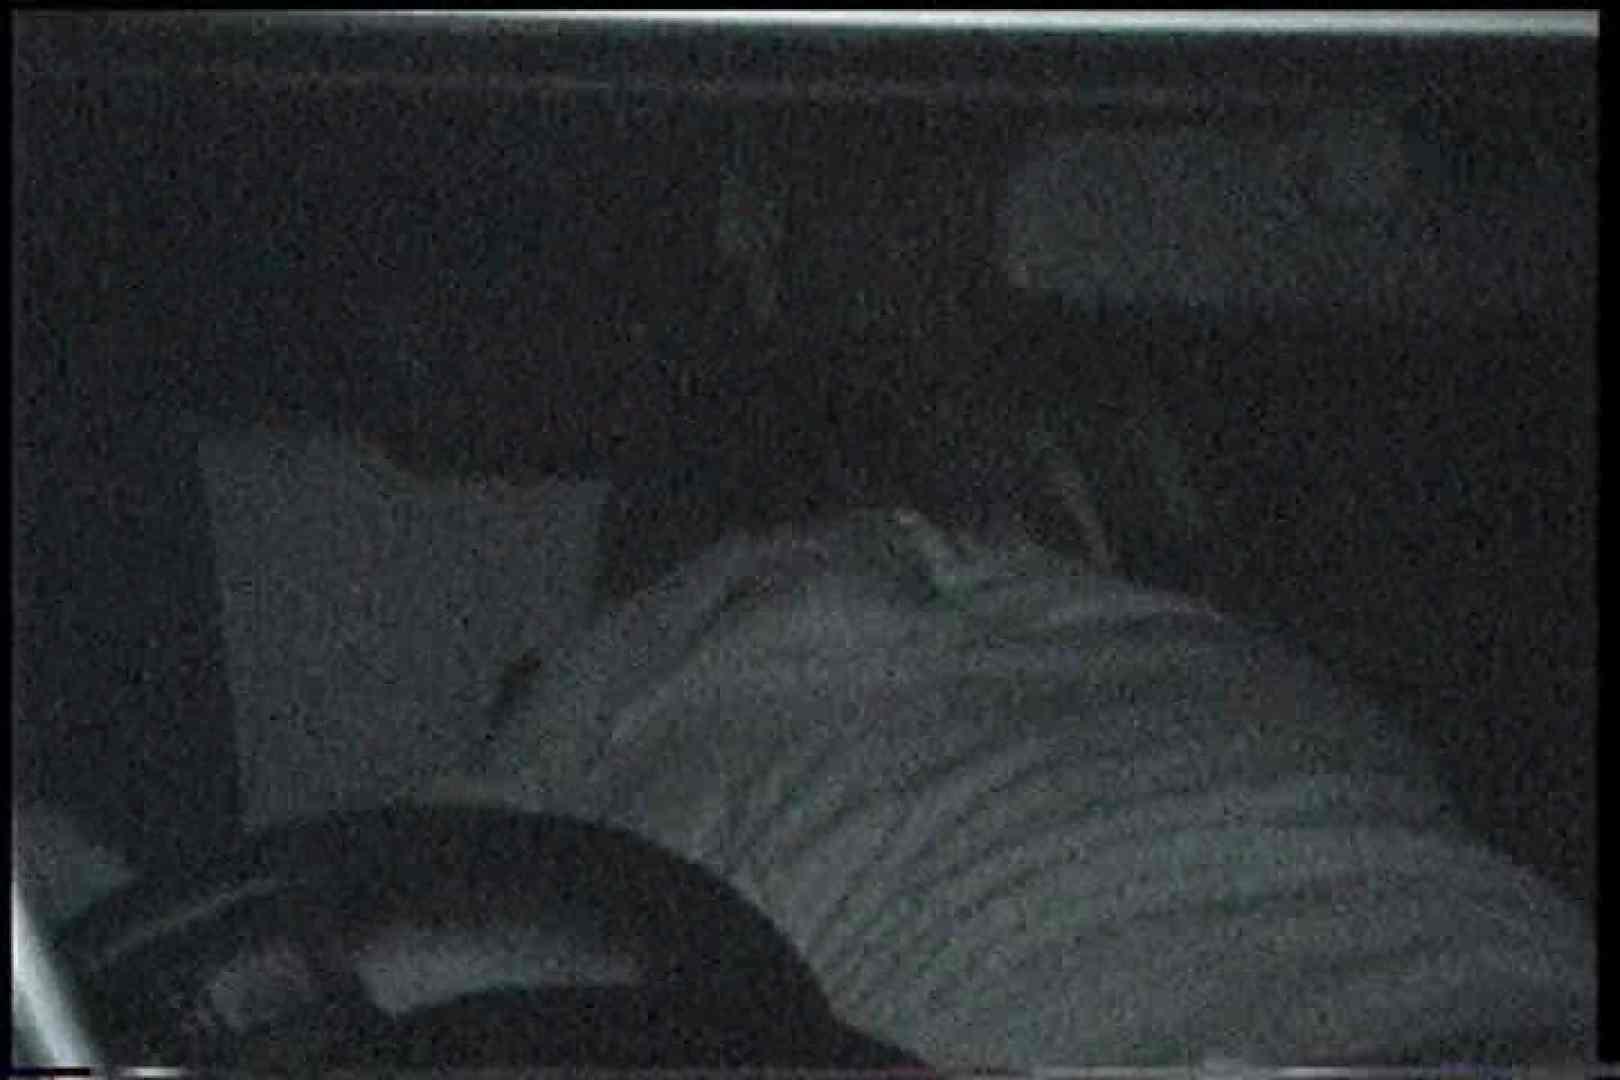 充血監督の深夜の運動会Vol.199 おまんこモロ出し | 独身エッチOL  27pic 24